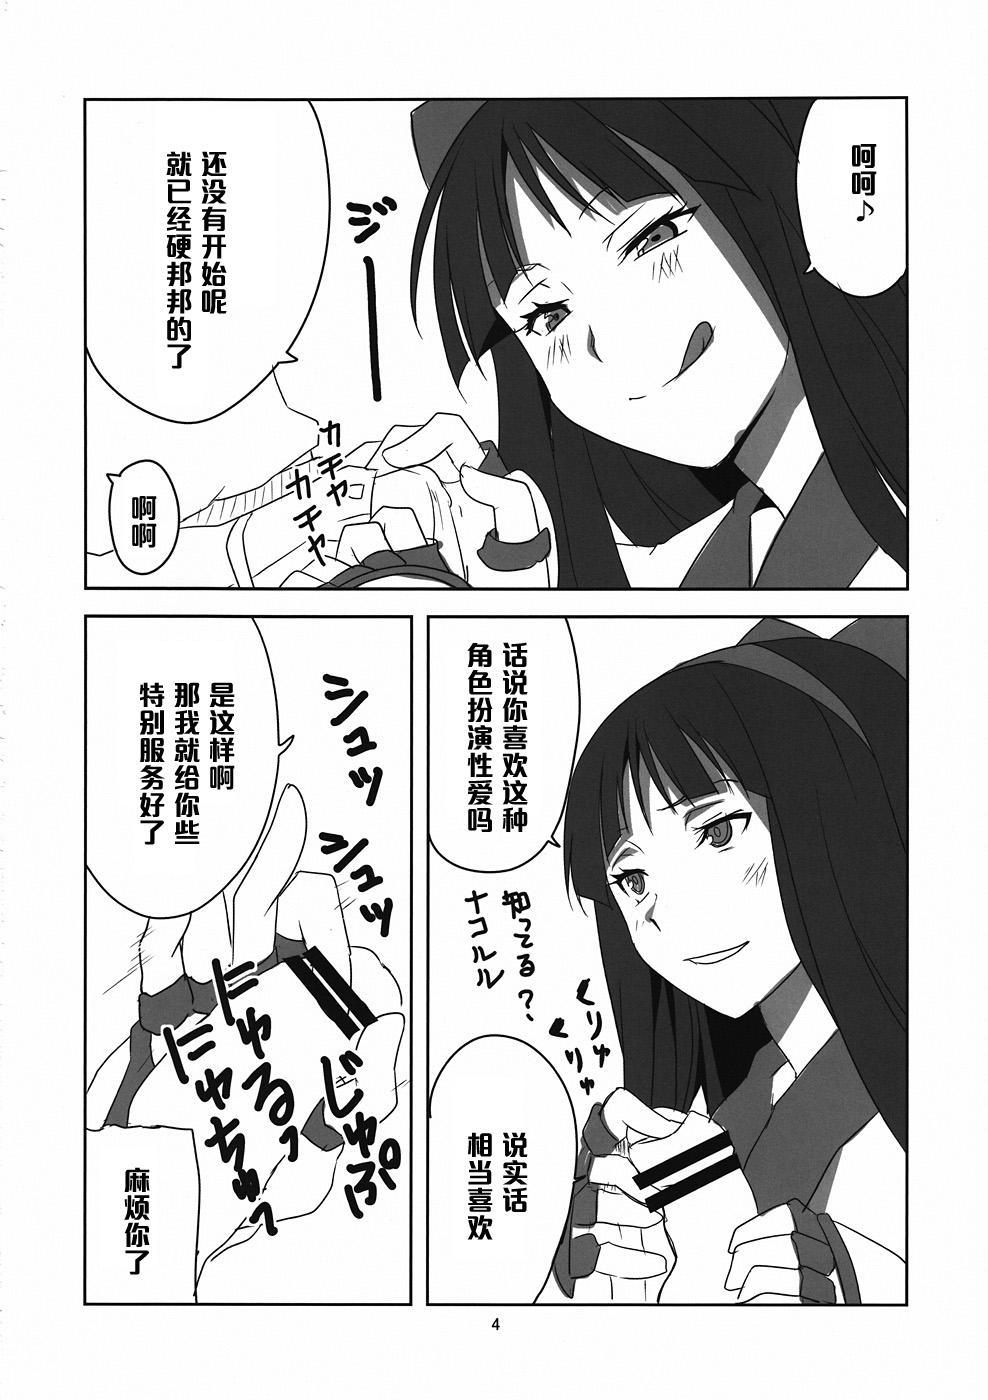 Nakoruru Senpai Shikoreru 4